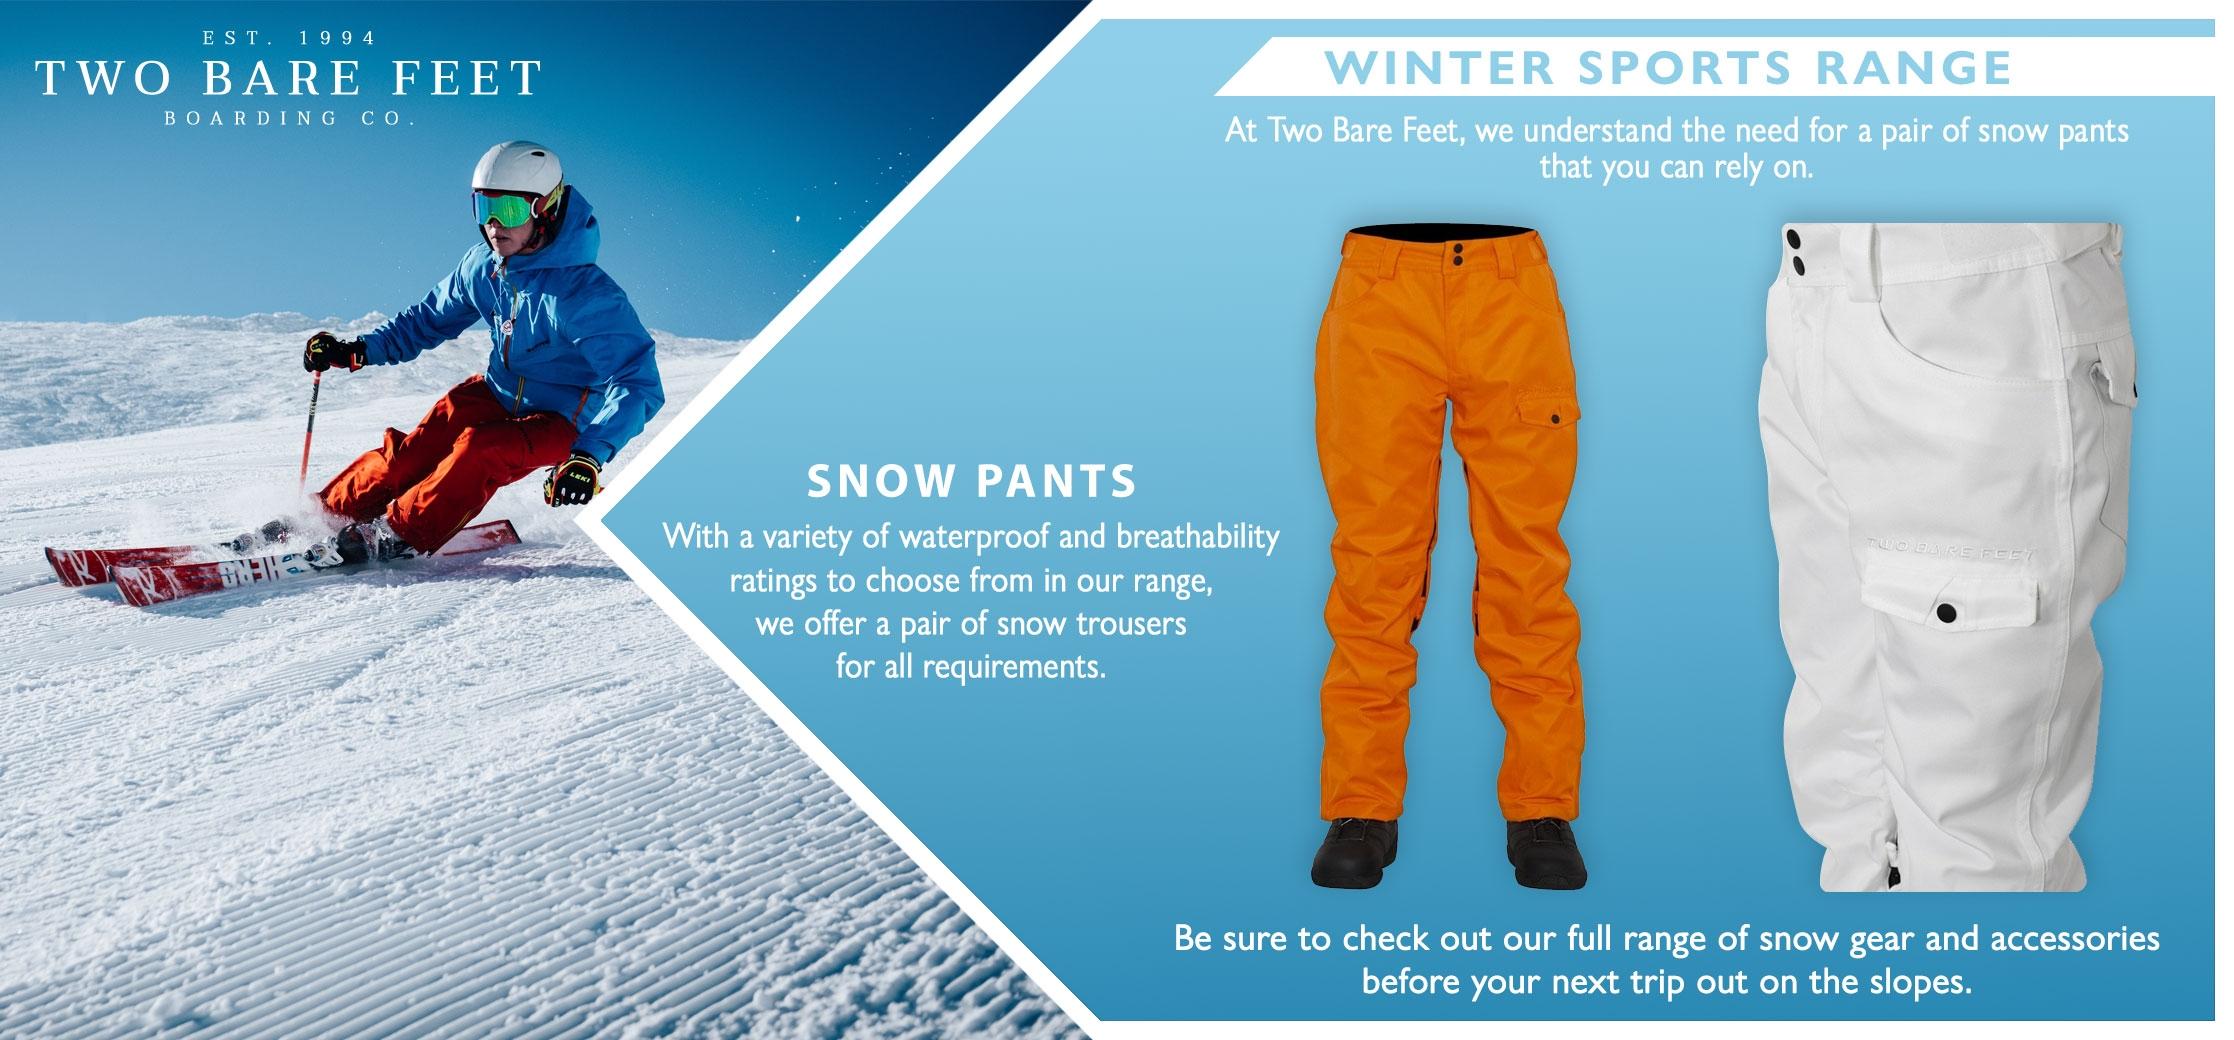 Two Bare Feet men's ski trouser infographic